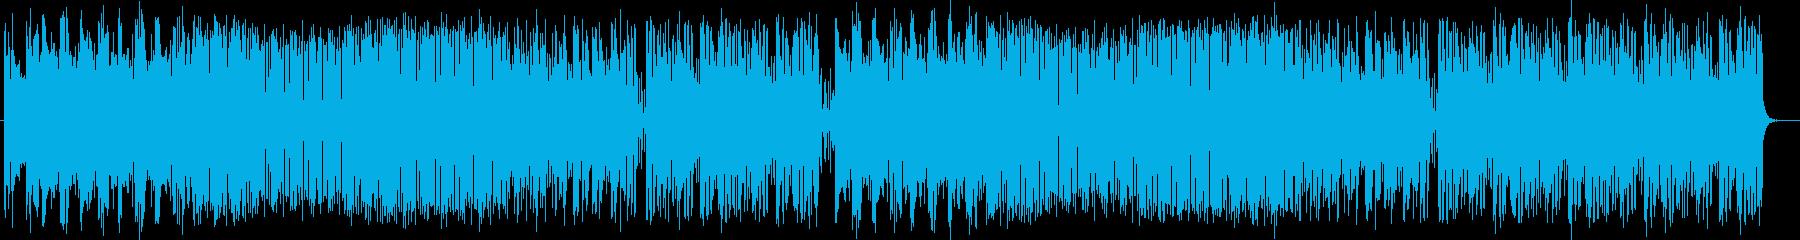 爽やかなシンセサイザーなどの曲の再生済みの波形